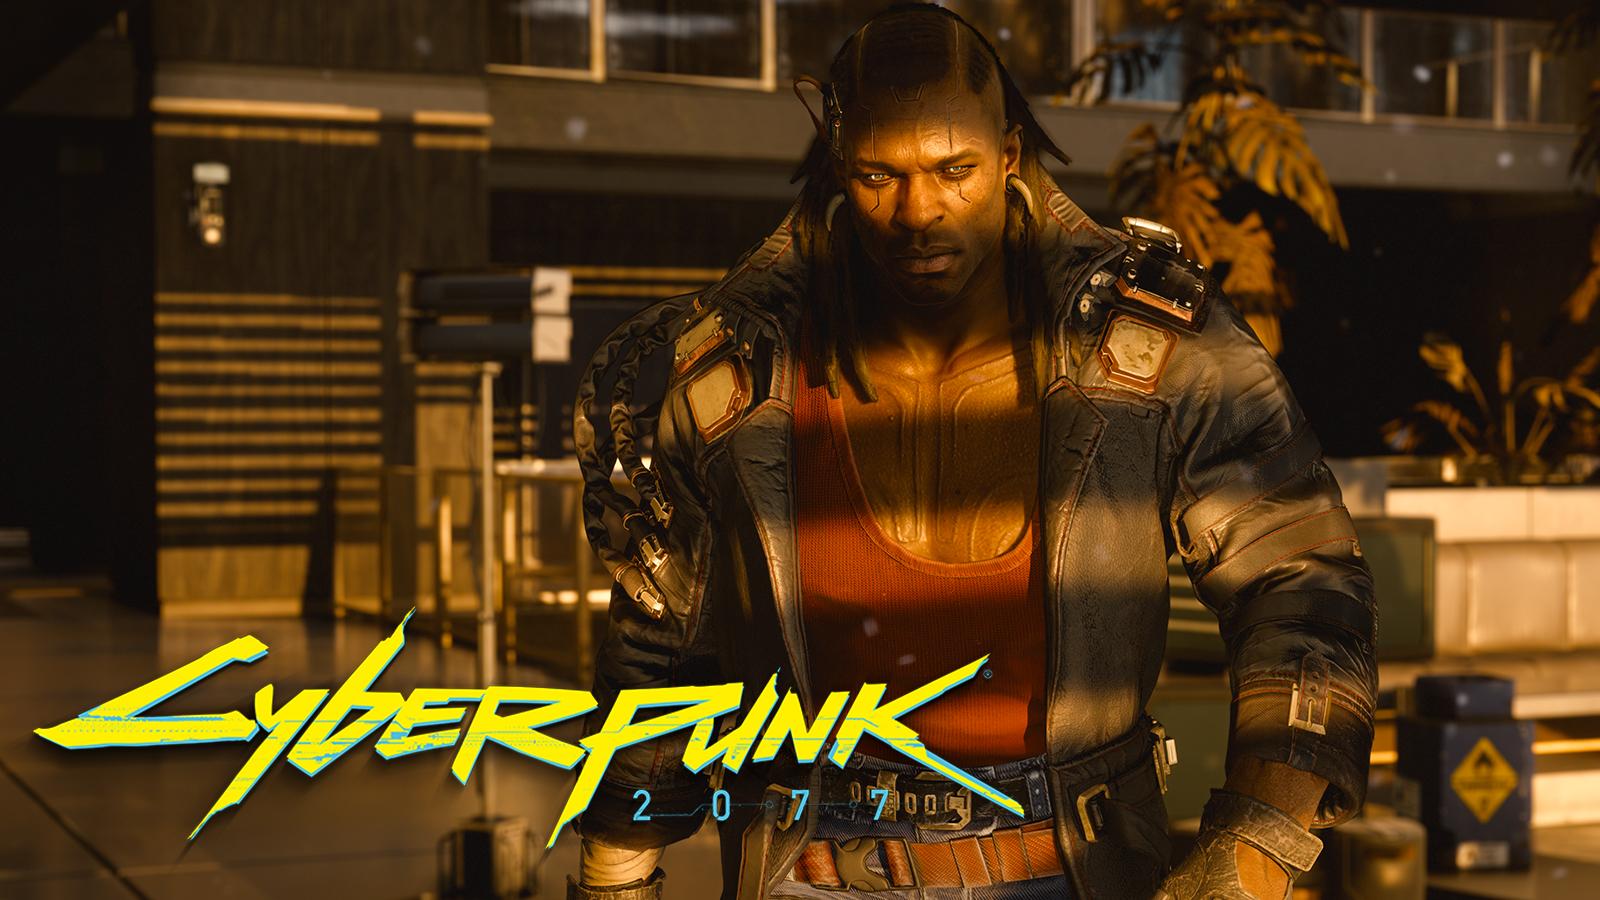 Cyberpunk 2077 hacker smiling after CD Projekt Red hack sale $7m dark web.